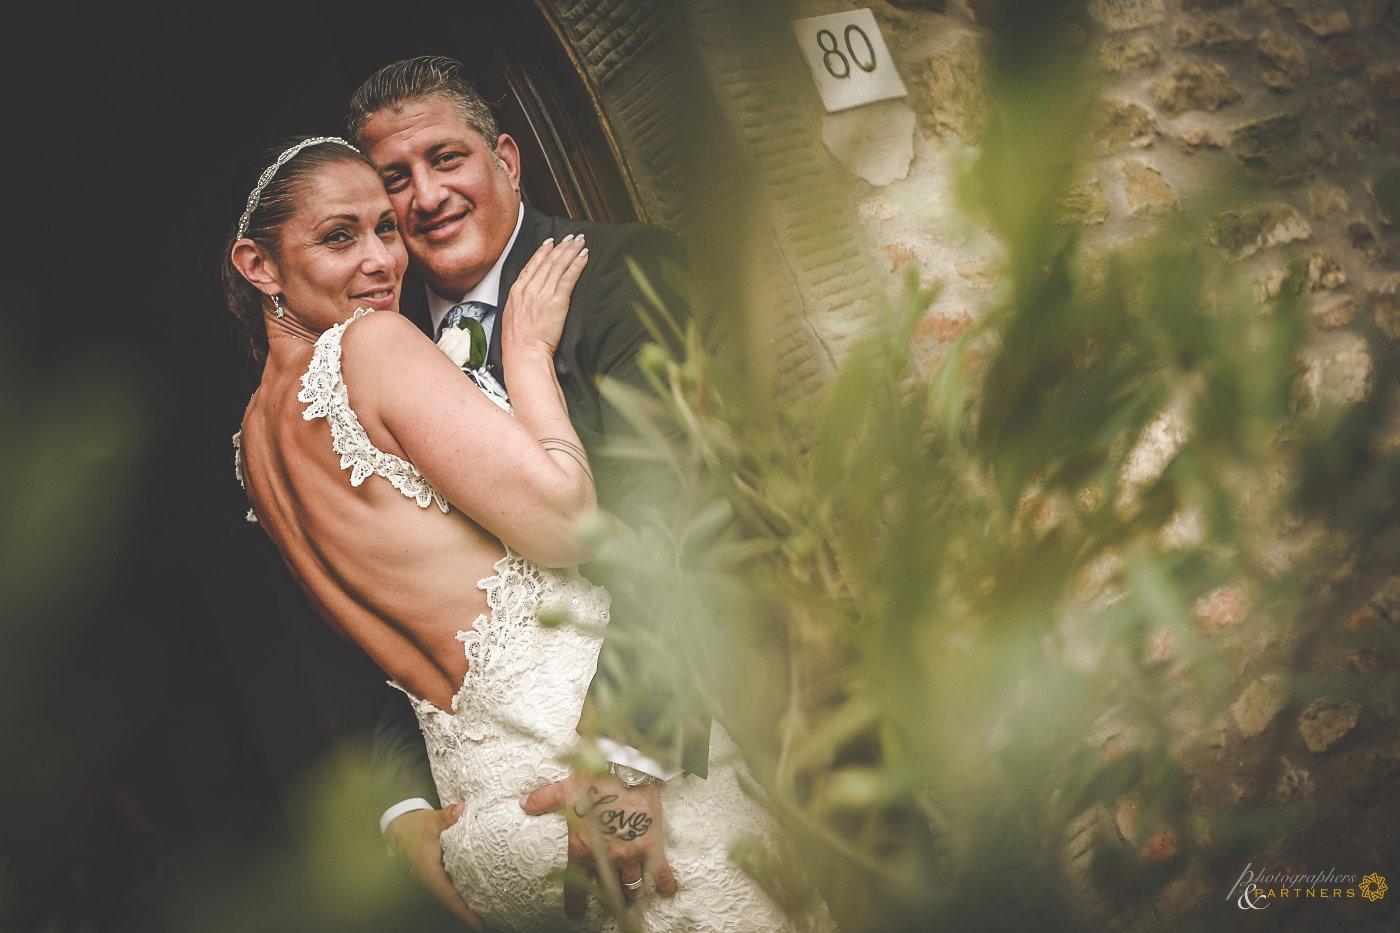 photography_weddings_cortona_21.jpg